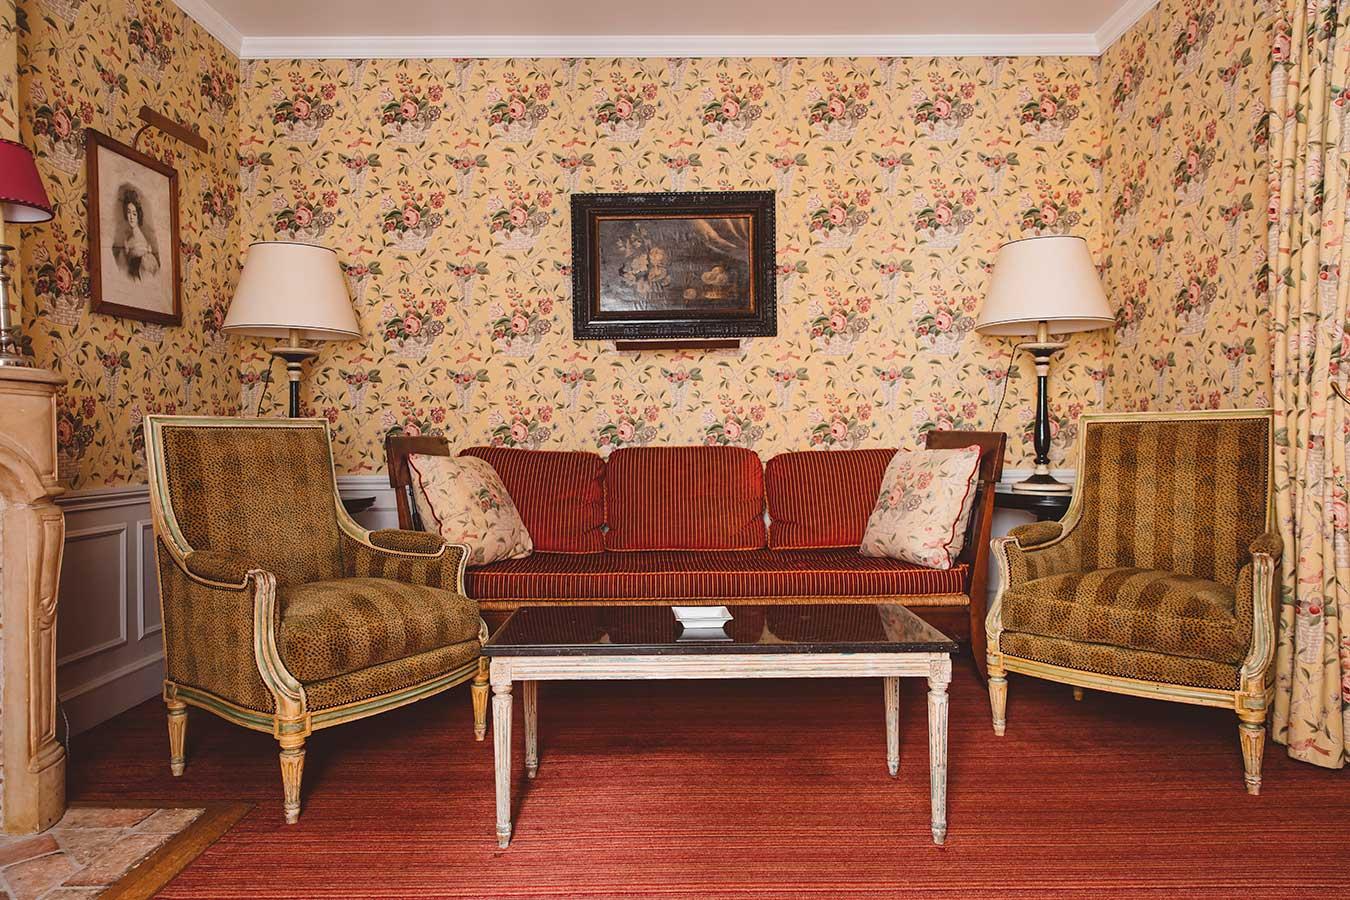 Appartement Terrasse - Canapé rouge, fauteuils à motif léopard beige et table basse dans une harmonie fleurie jaune